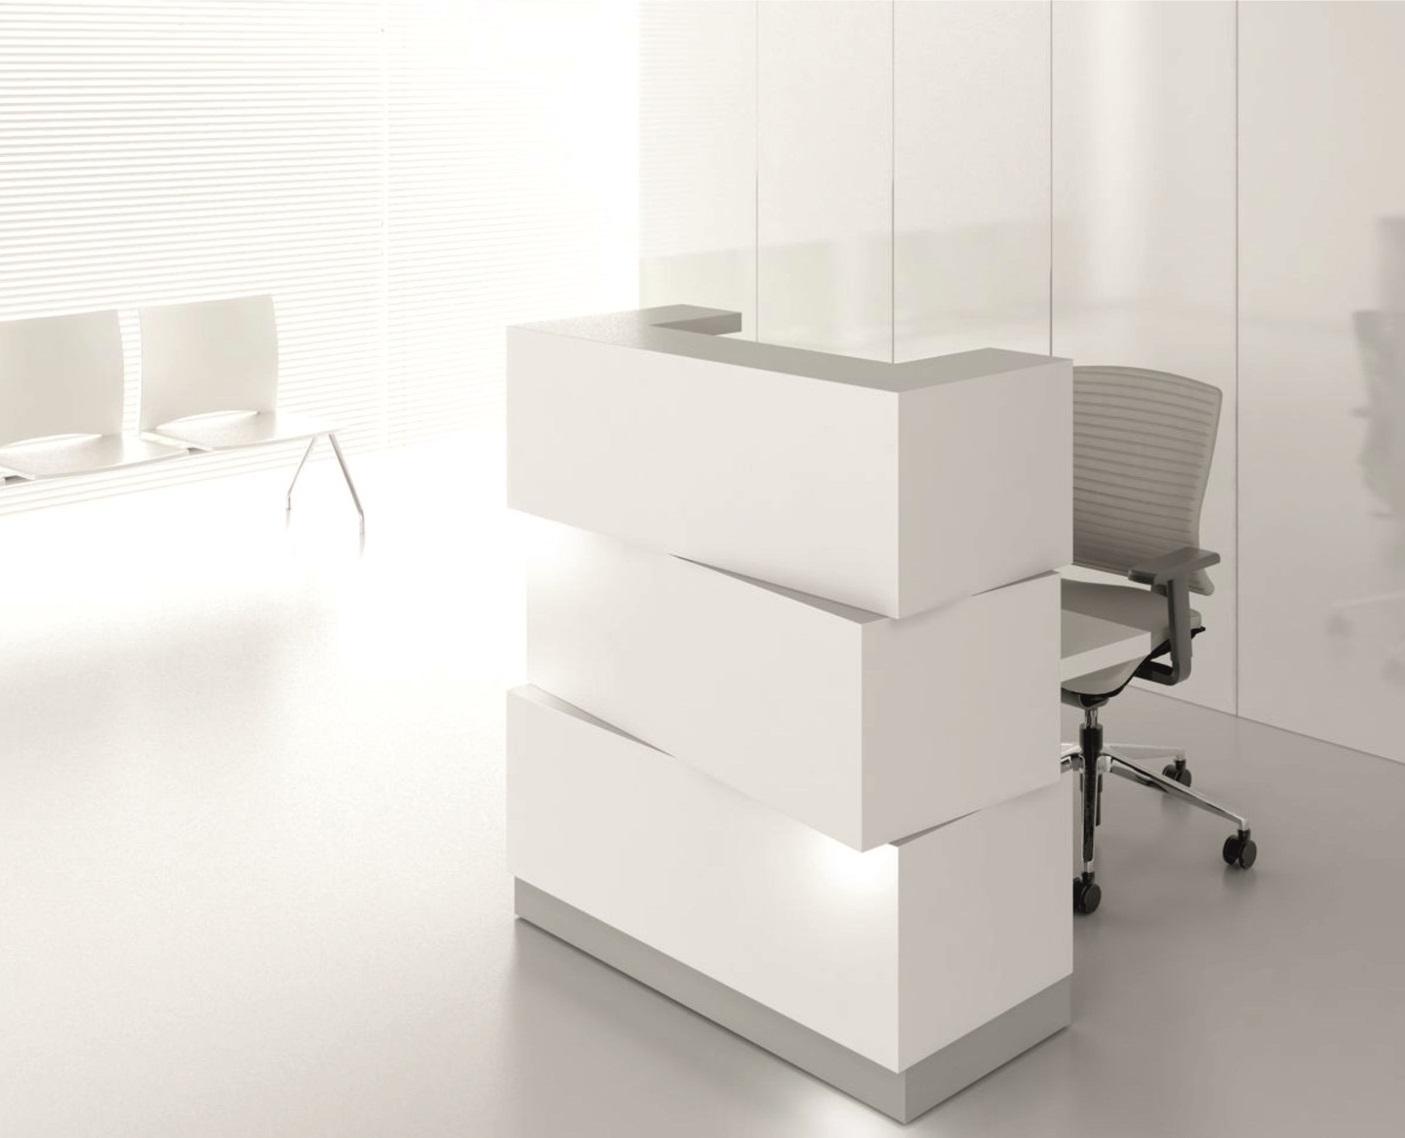 Mostrador zen mostradores de recepci n for Muebles de oficina ourense